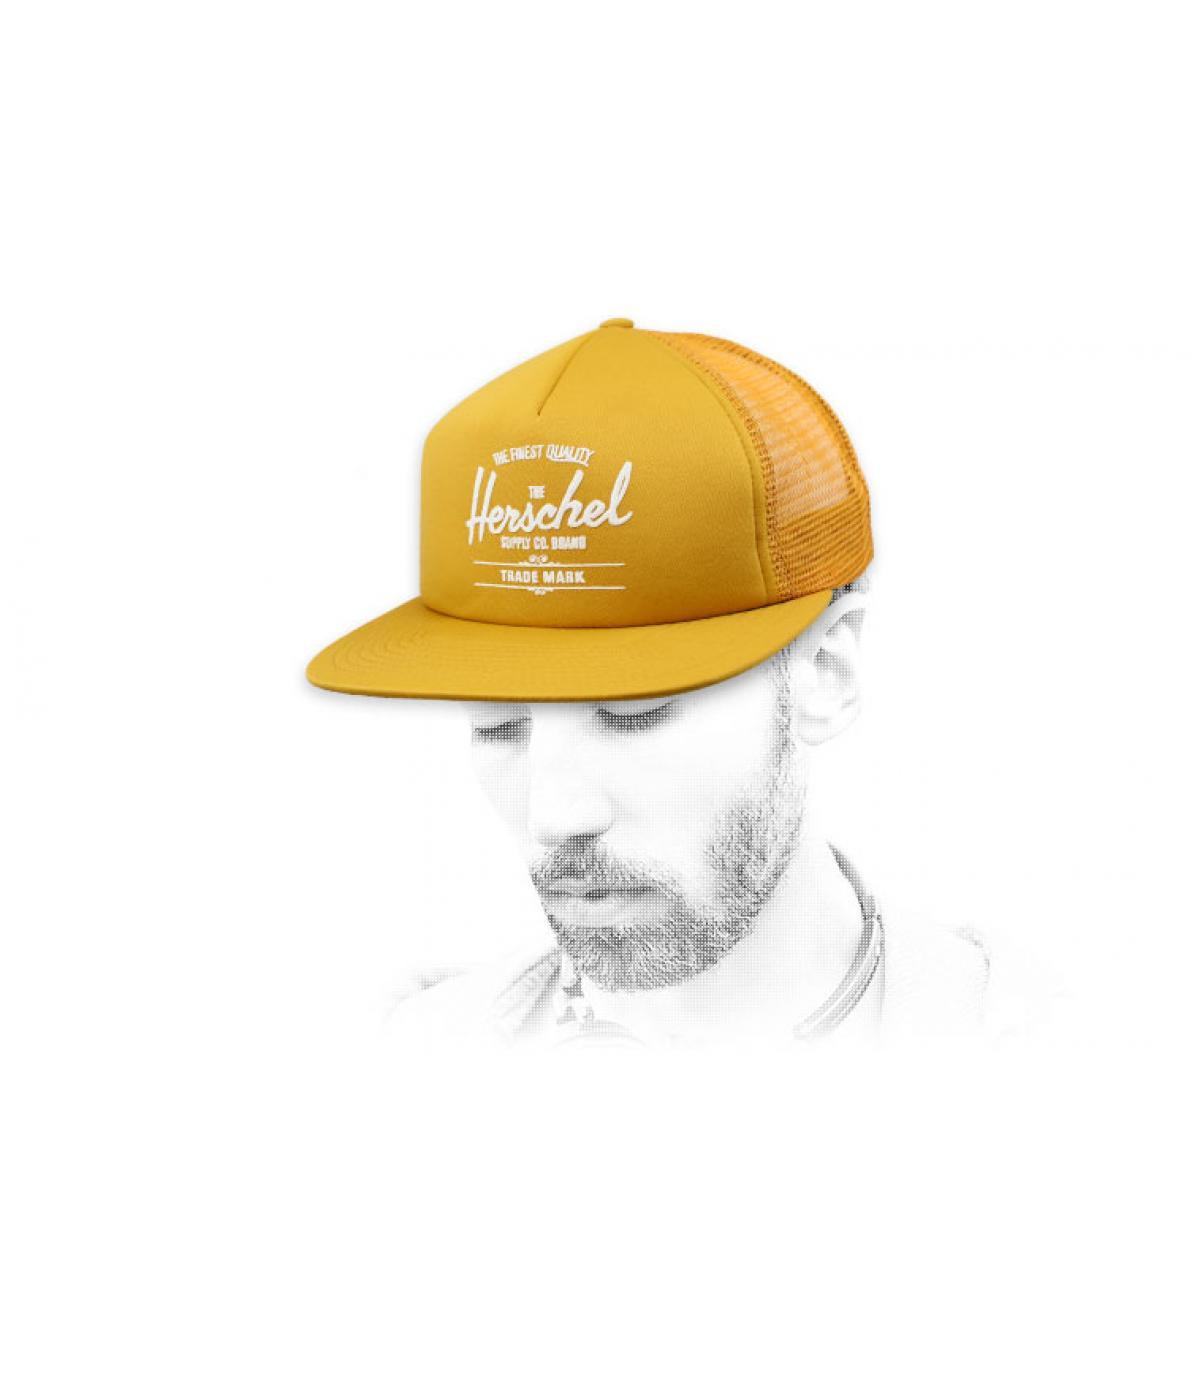 yellow Herschel trucker cap